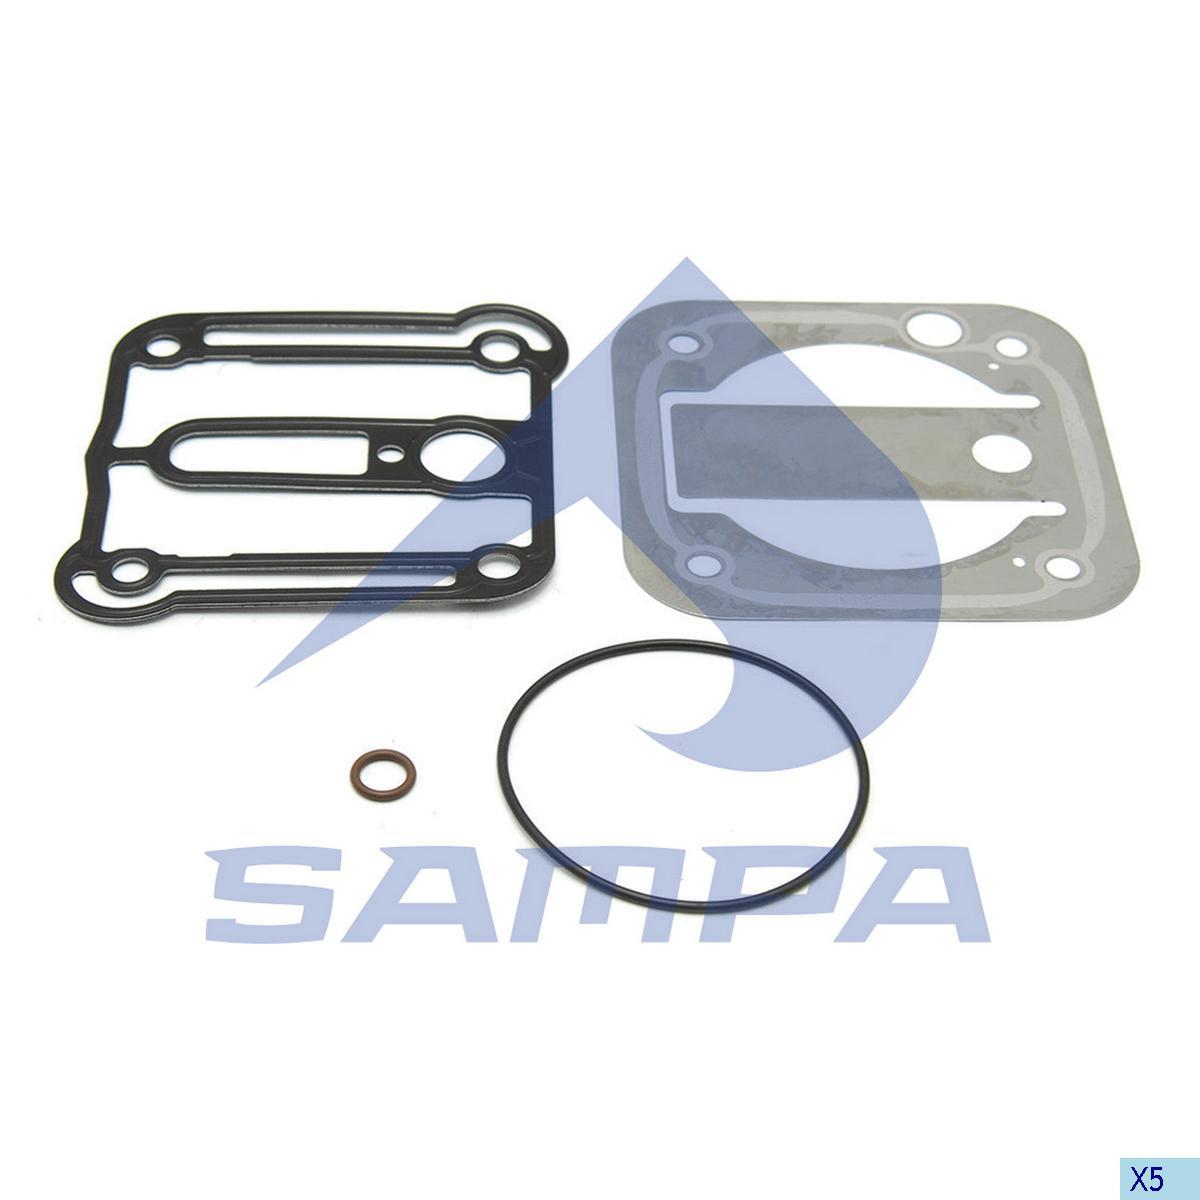 Gasket Kit, Compressor, Man, Compressed Air System